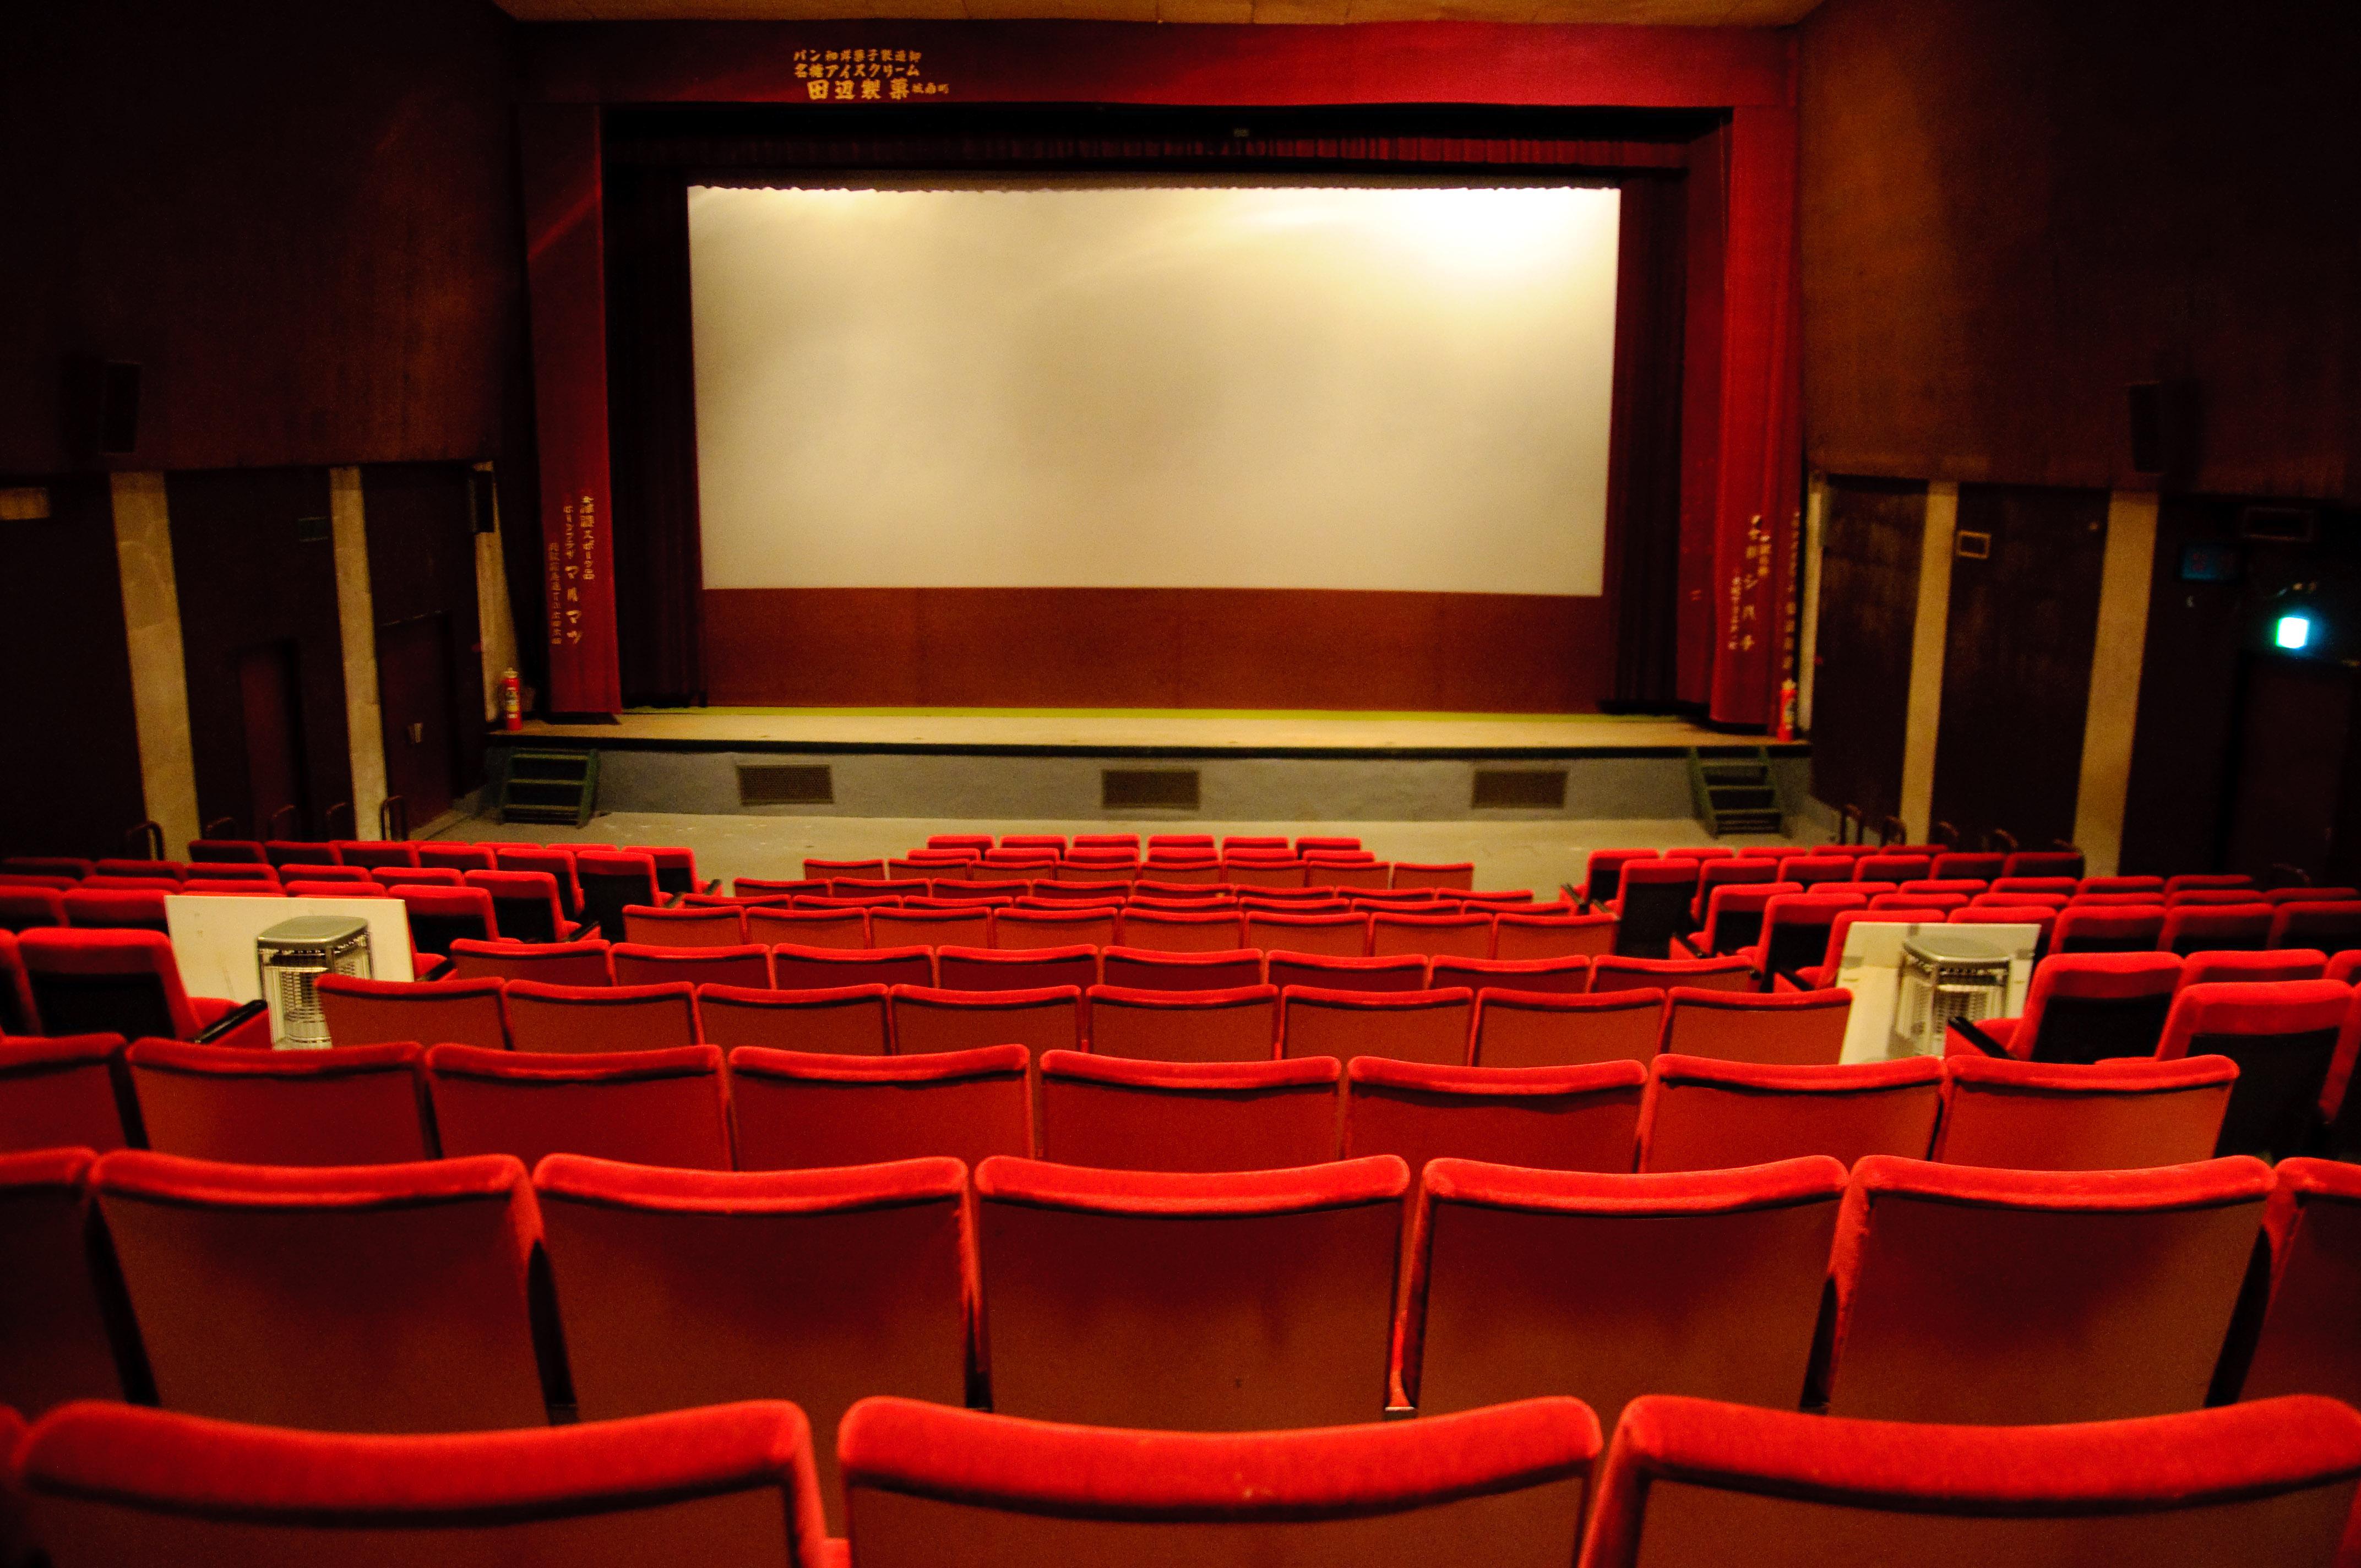 Лучшие сайты с новинками кино стали популярнее у пользователей Интернета